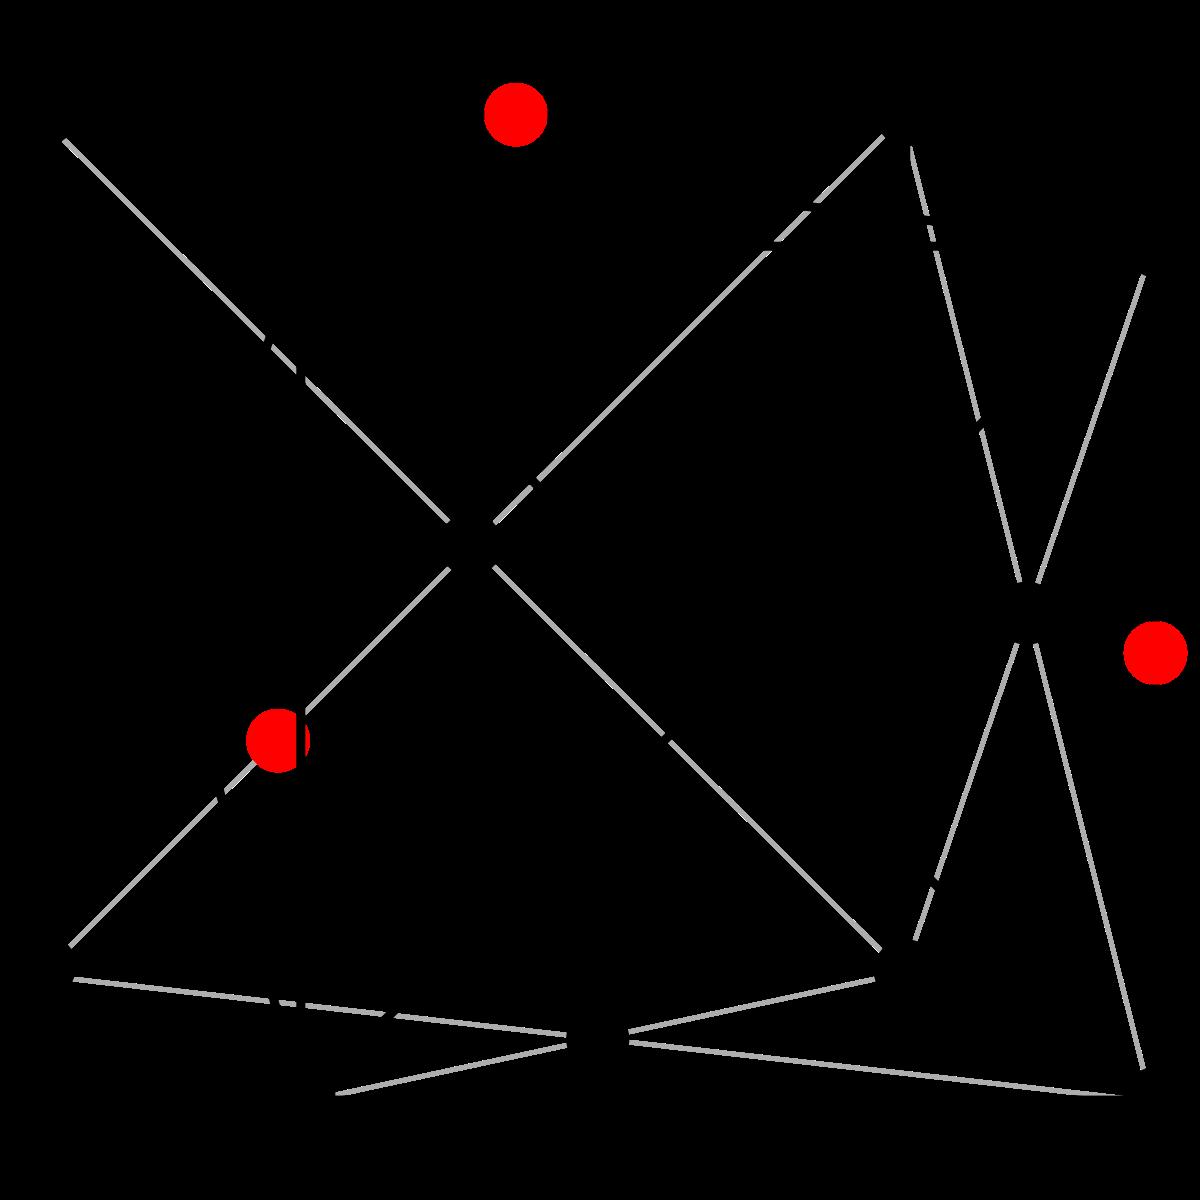 Einlagerungsmischkristall Wikipedia